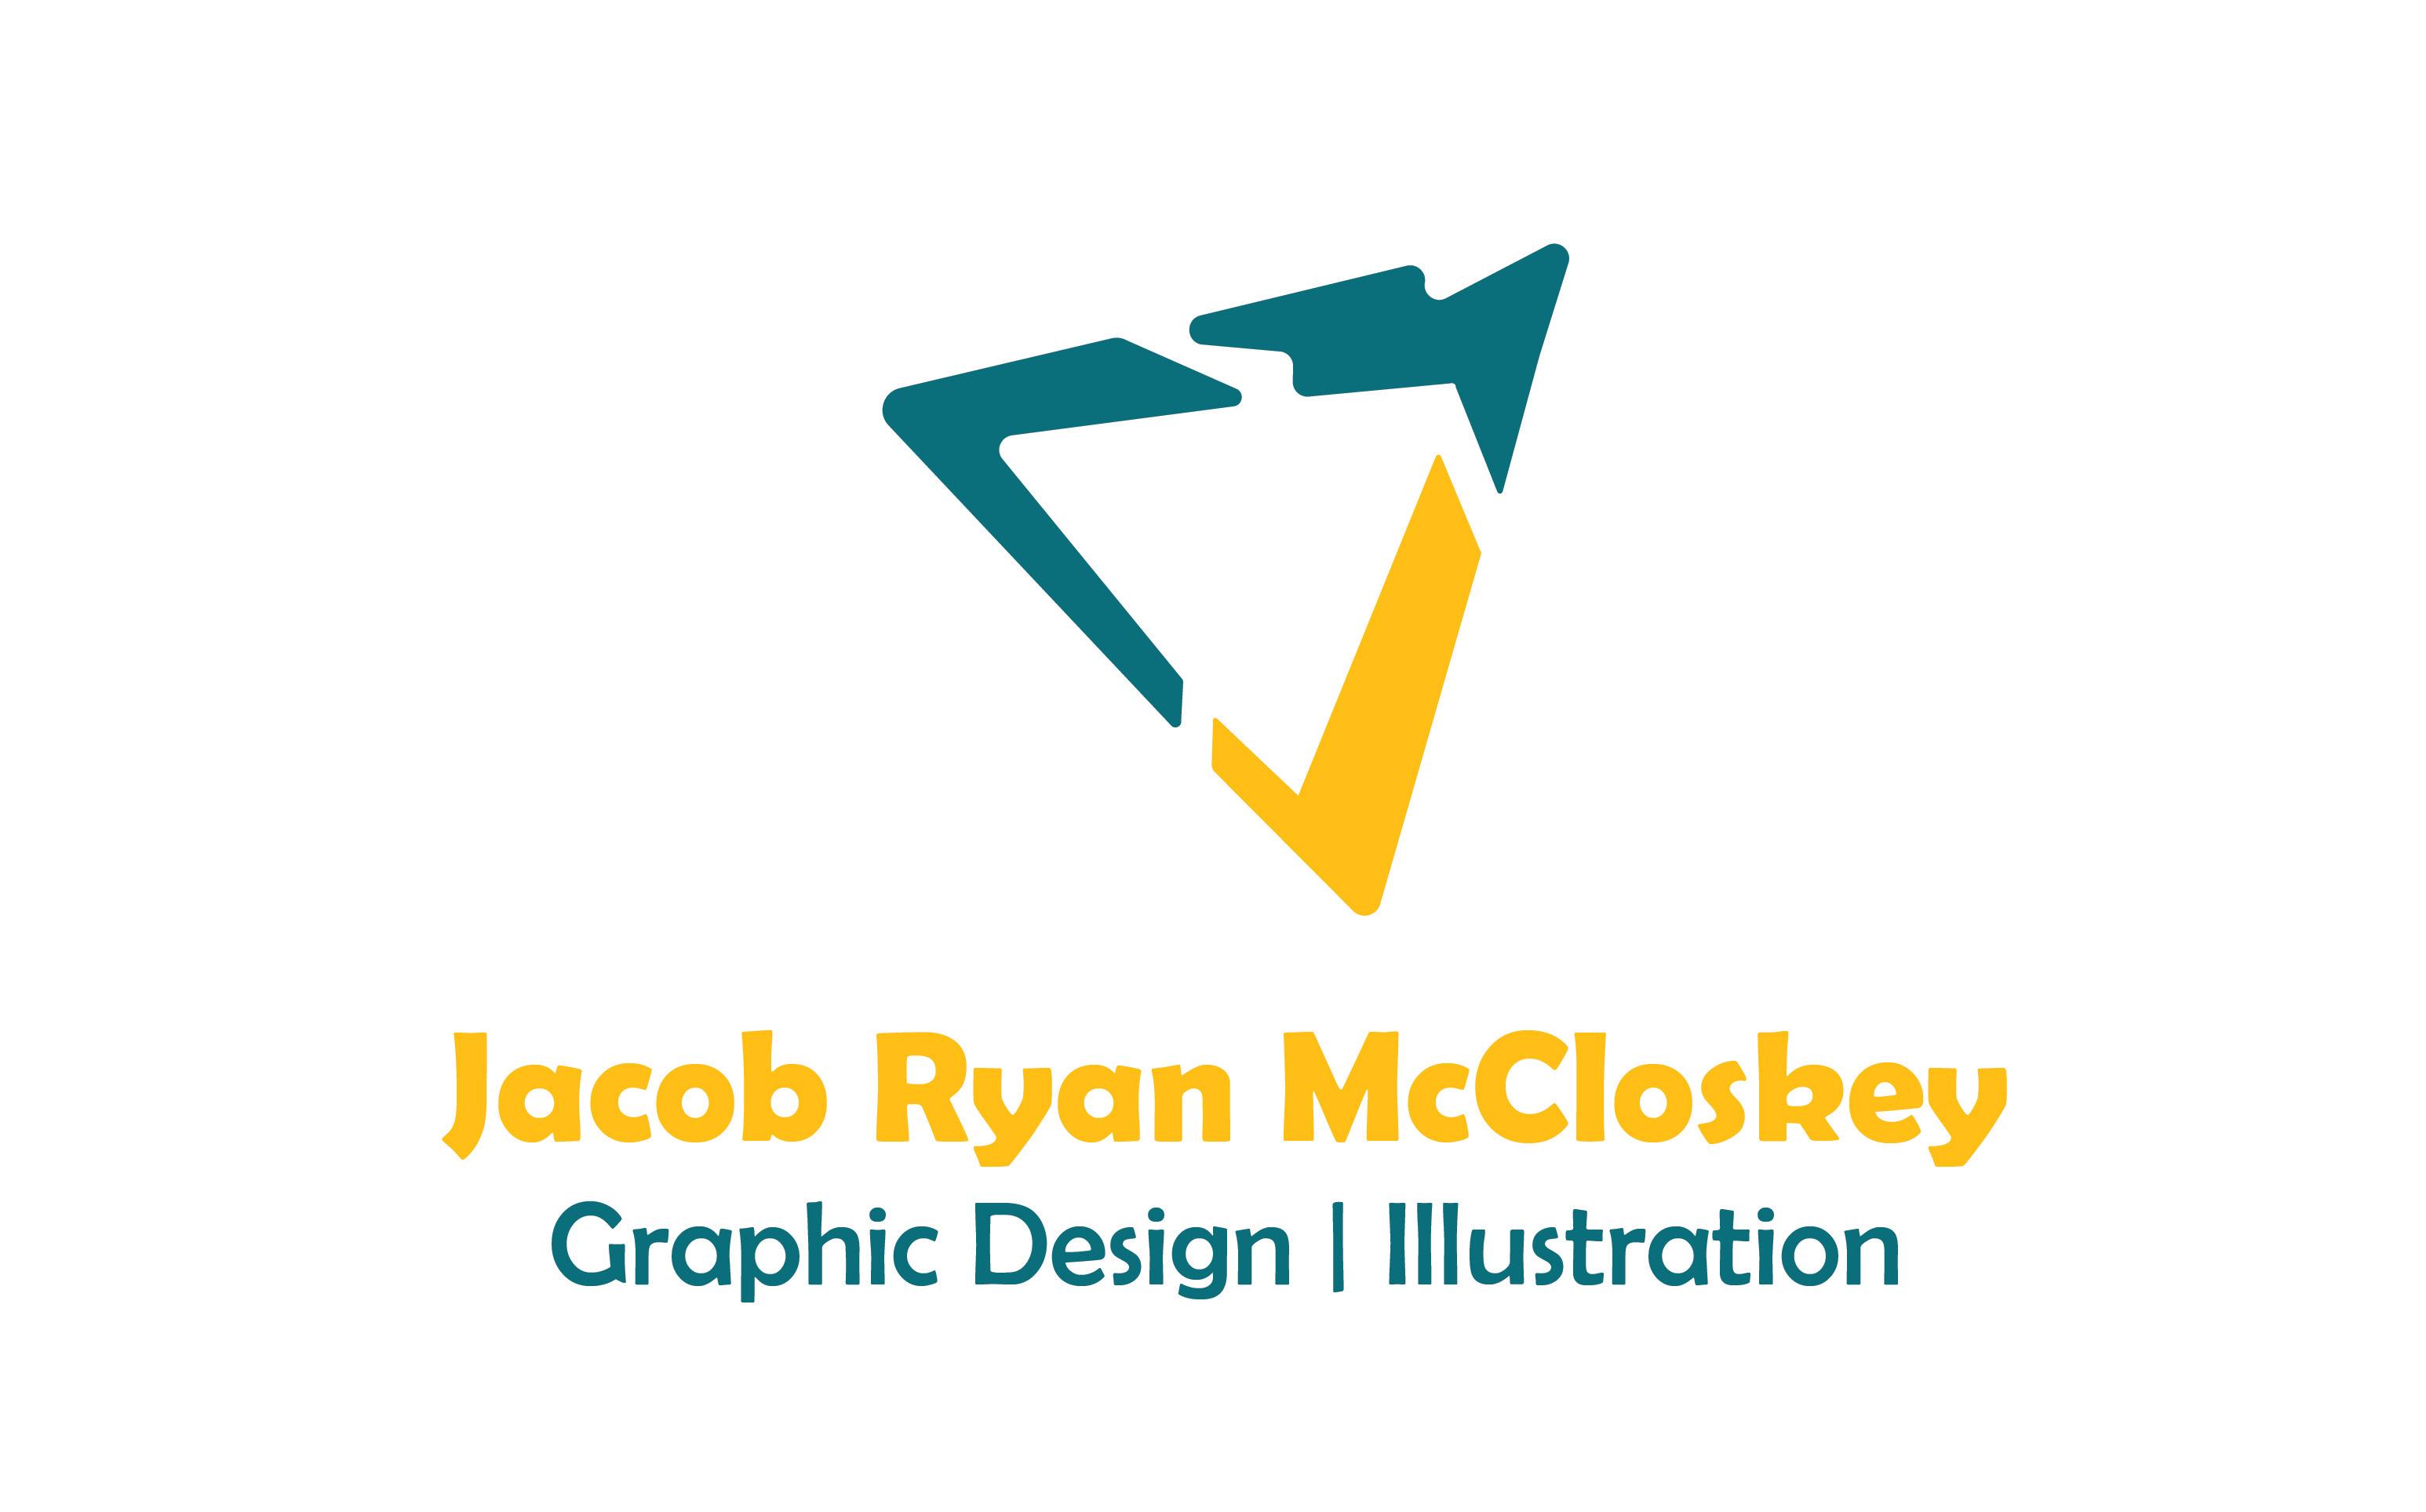 Jacob McCloskey